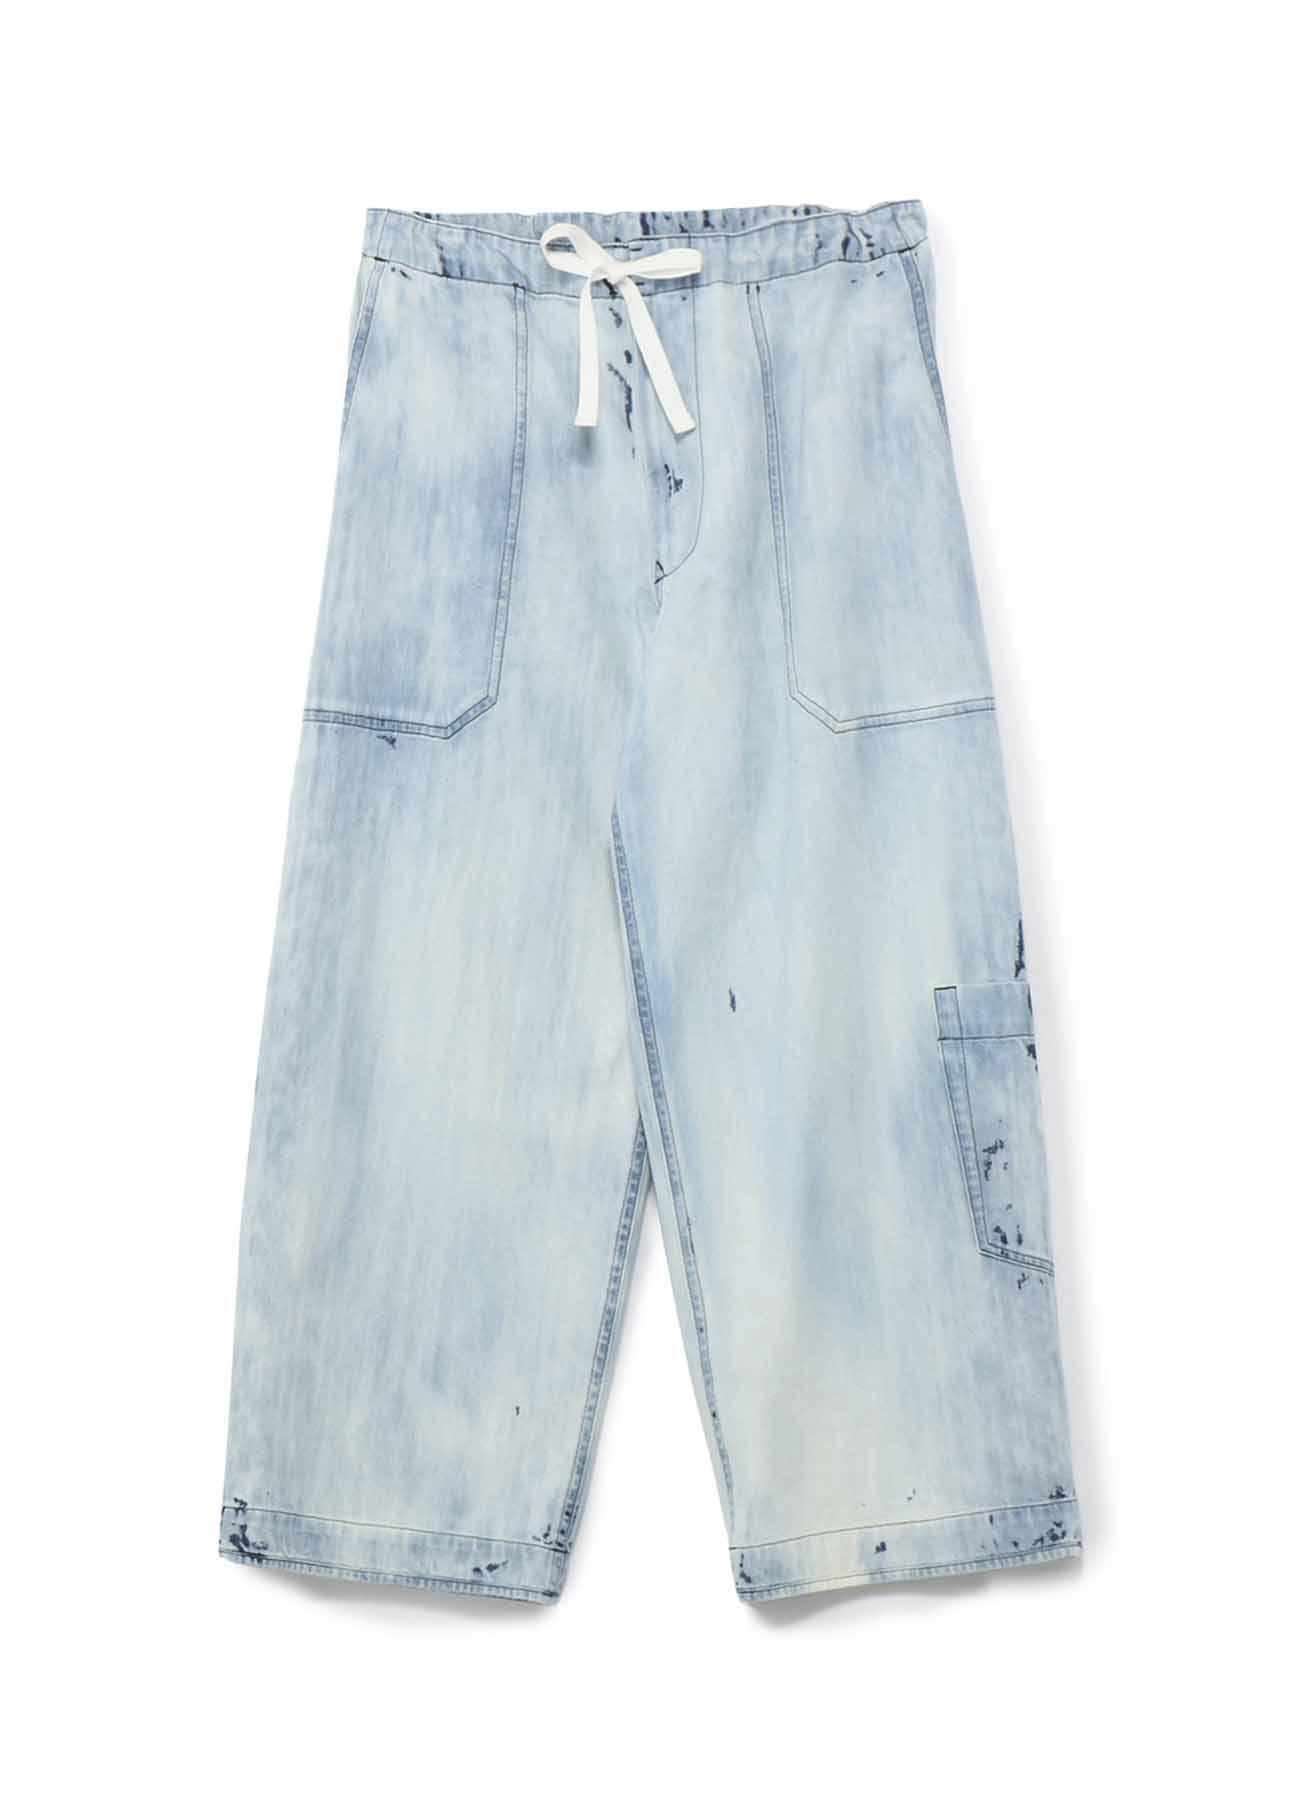 水磨宽松直筒牛仔裤